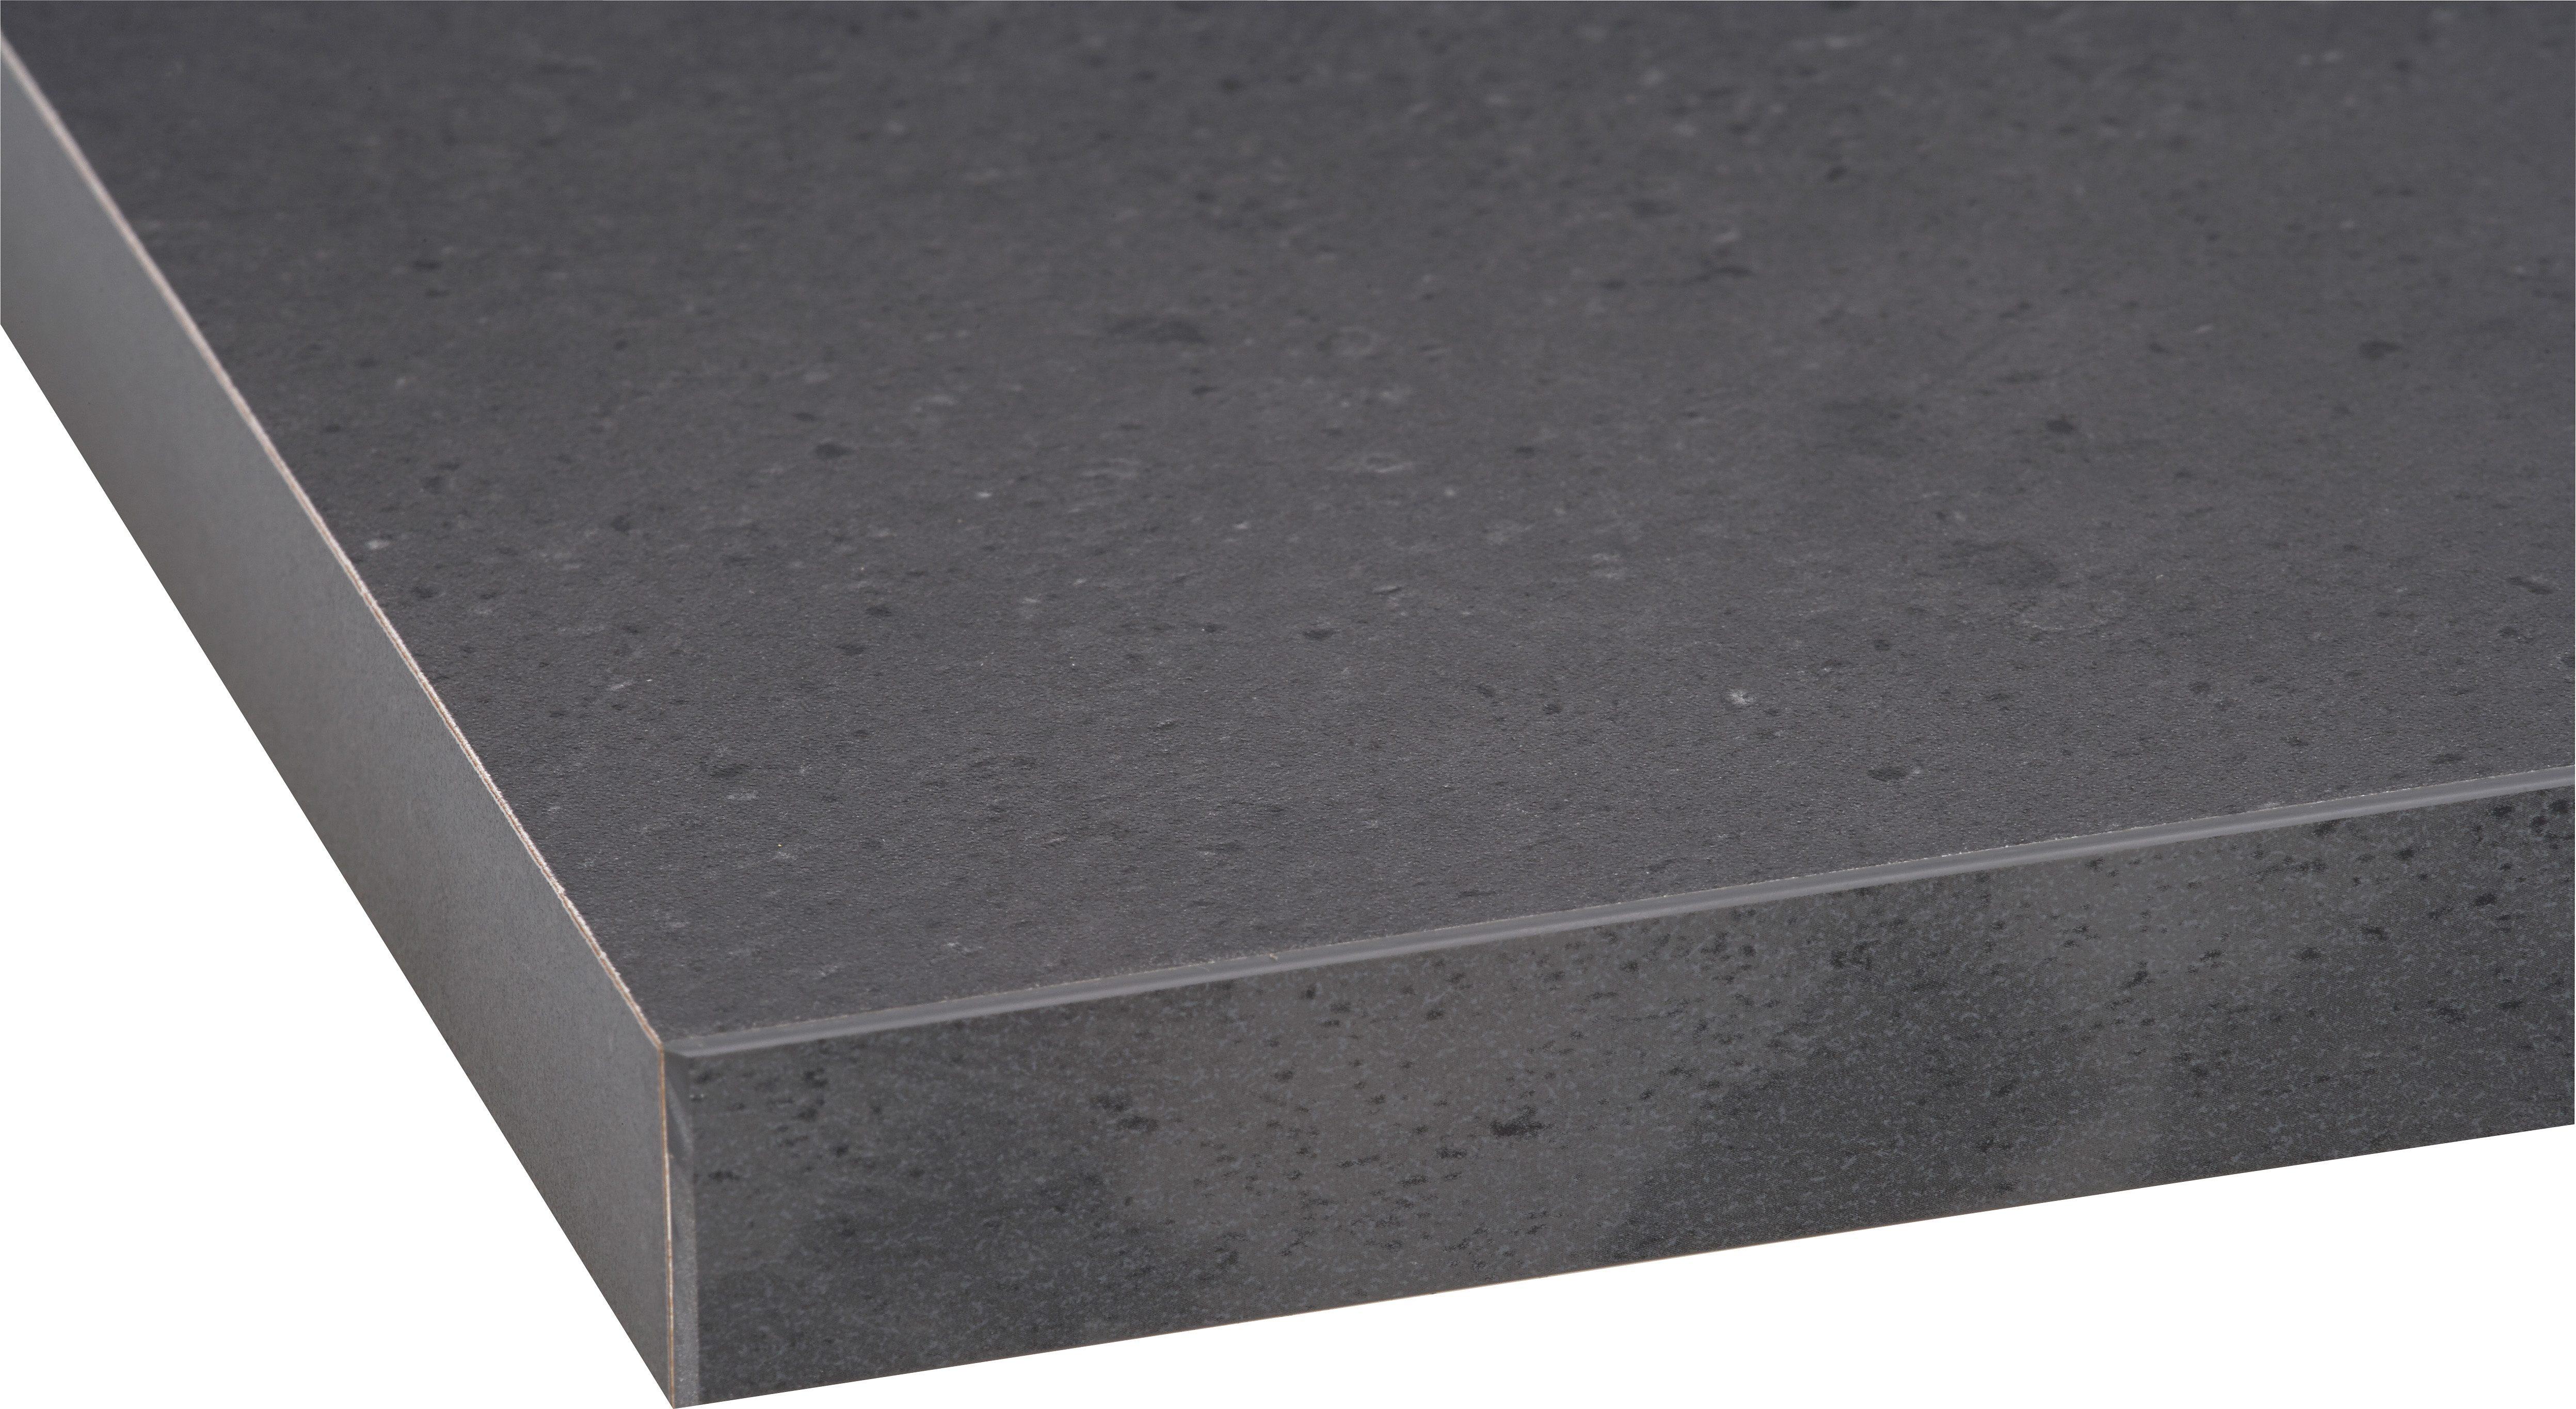 arbeitsplatte 28 mm. Black Bedroom Furniture Sets. Home Design Ideas